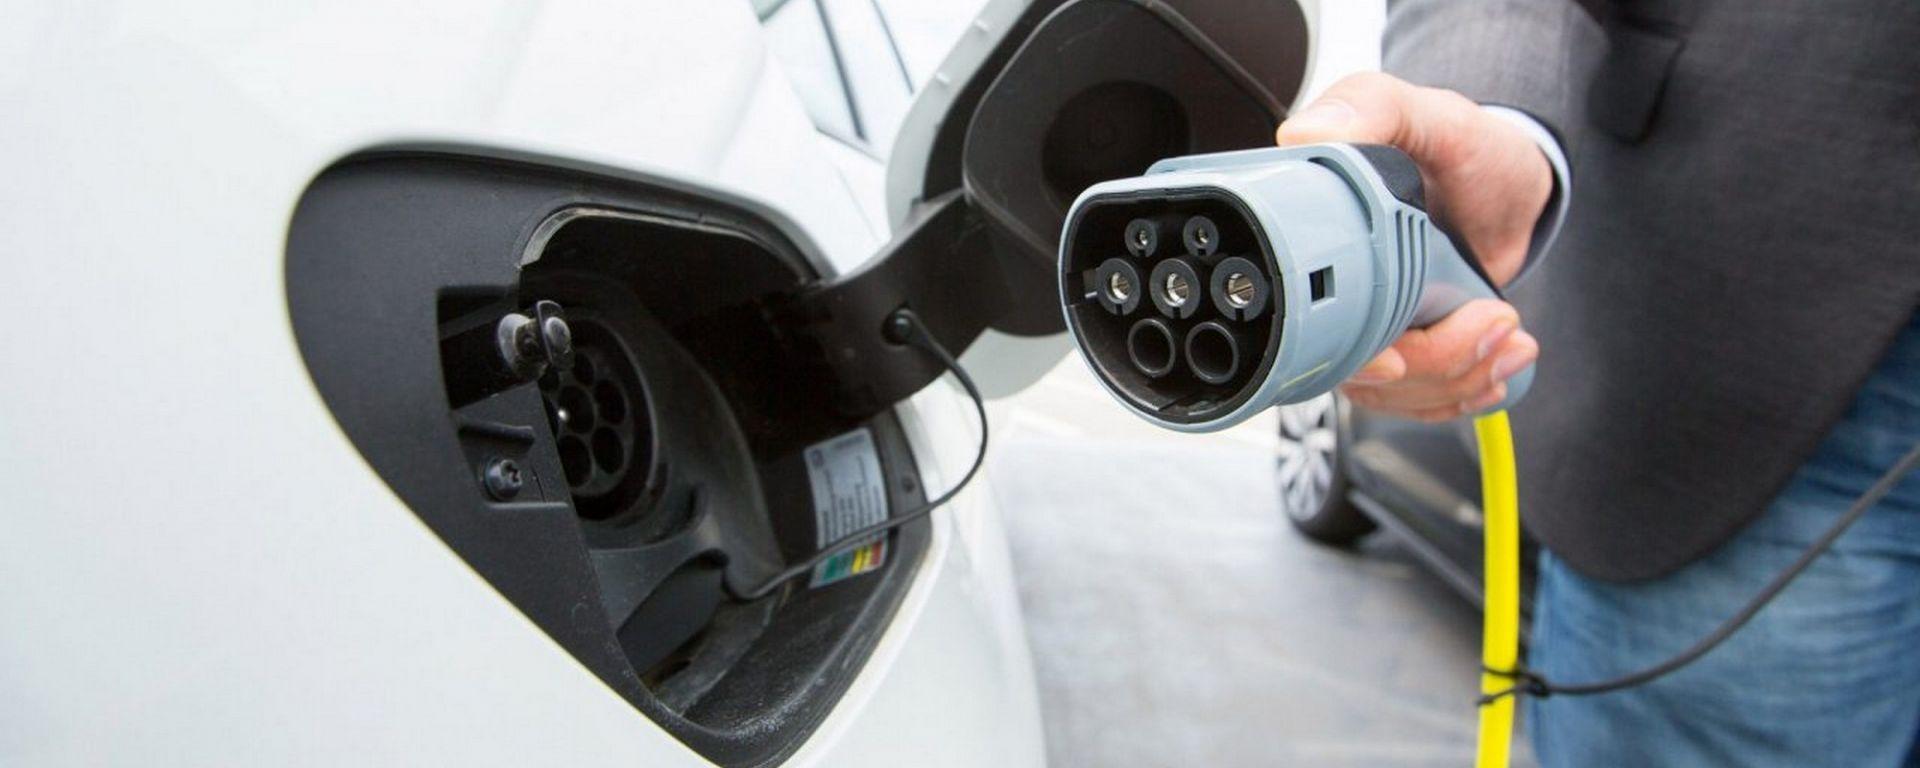 Auto elettrica, in Italia zero incentivi